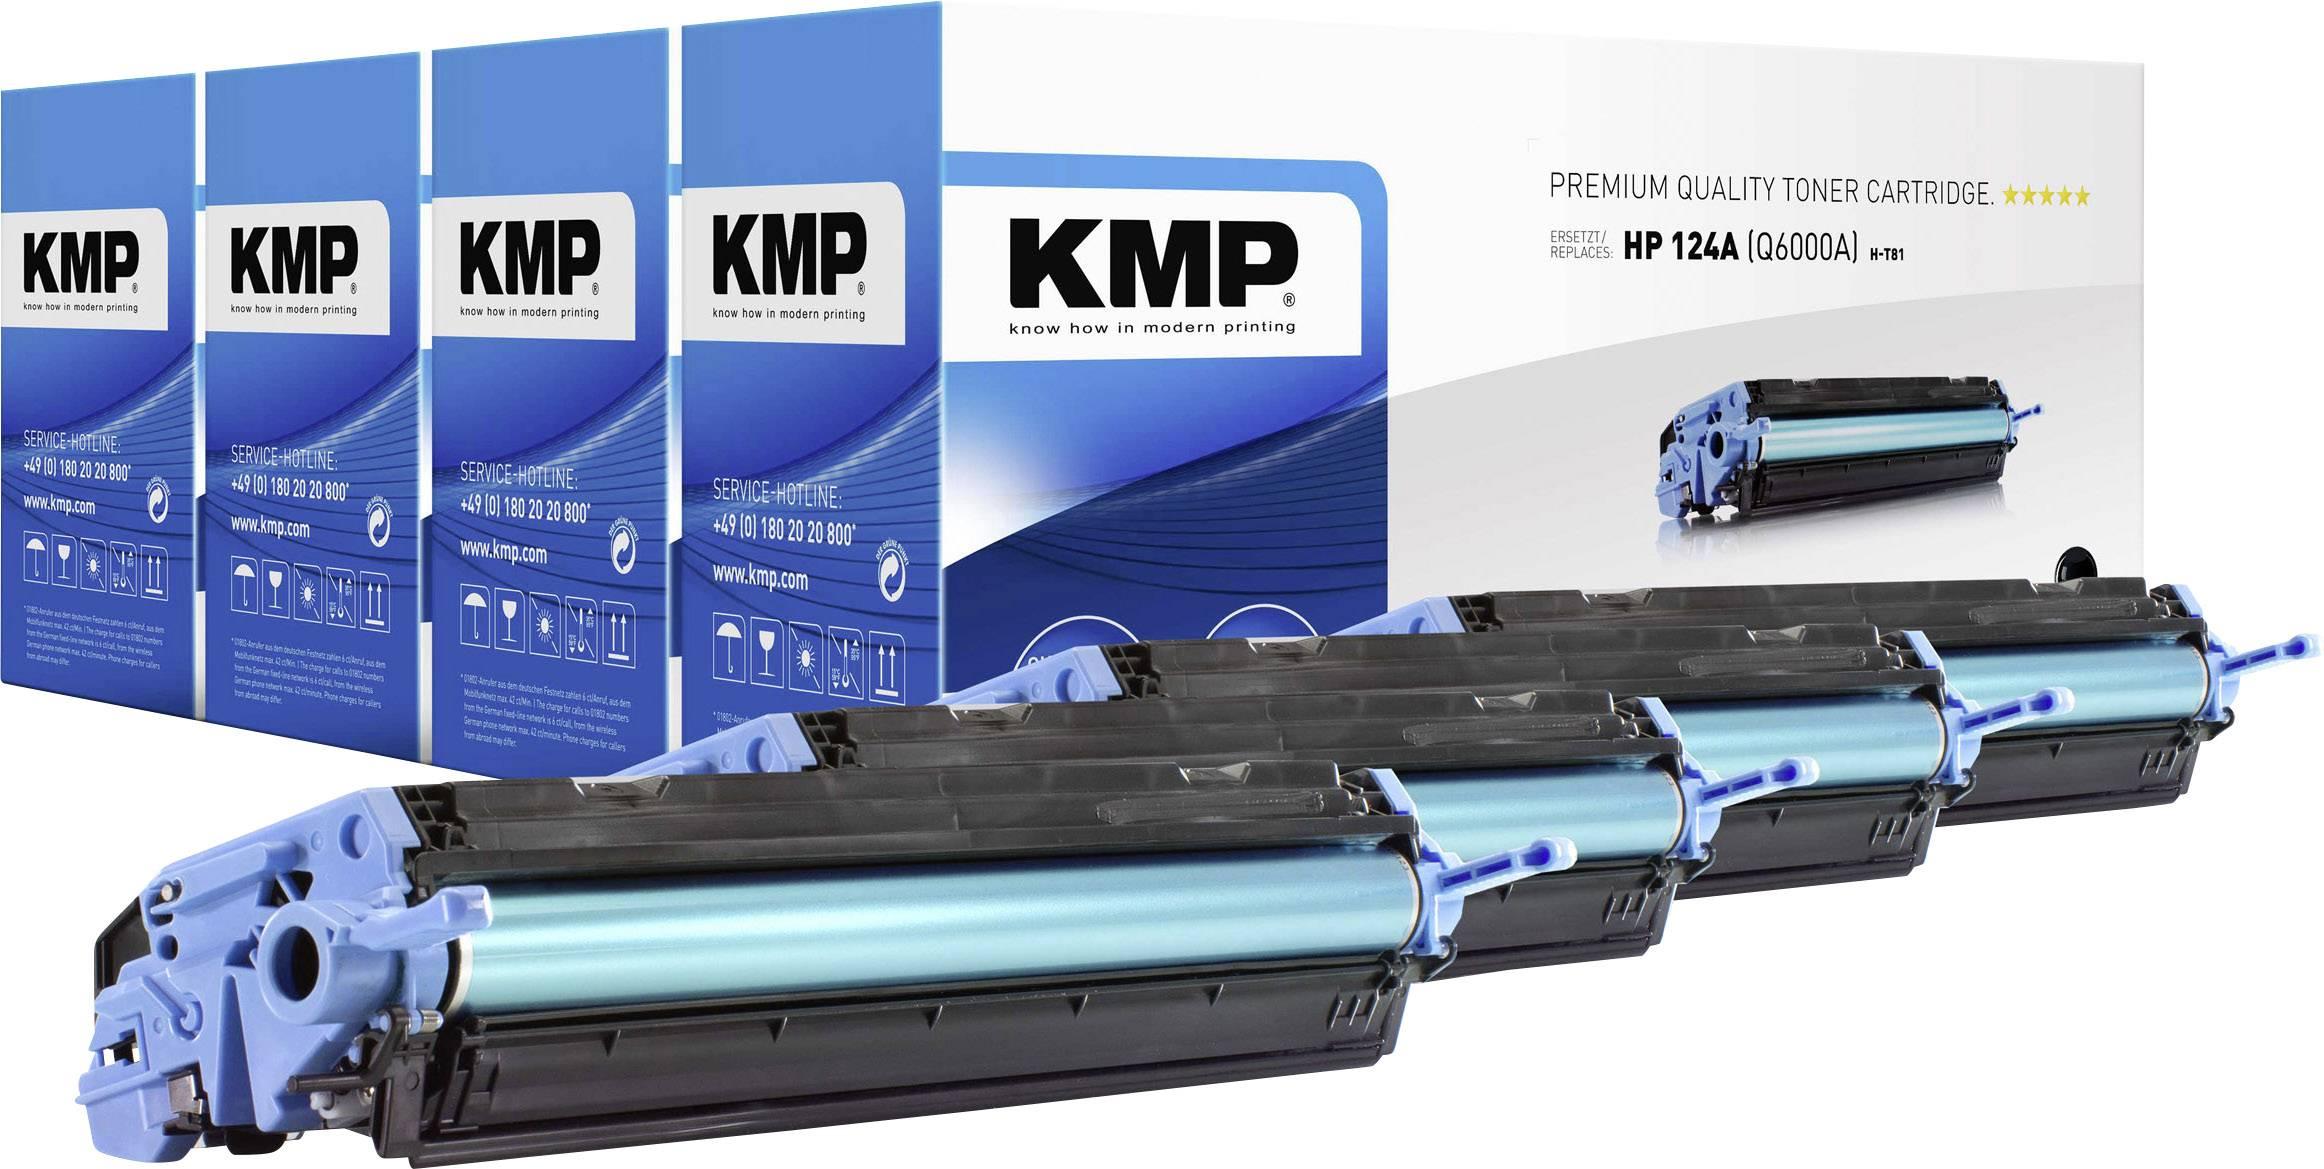 KMP sada tonerů náhradní HP 124A, Q6000A, Q6001A, Q6002A, Q6003A kompatibilní černá, azurová, purppurová, žlutá 2500 Seiten H-T81V